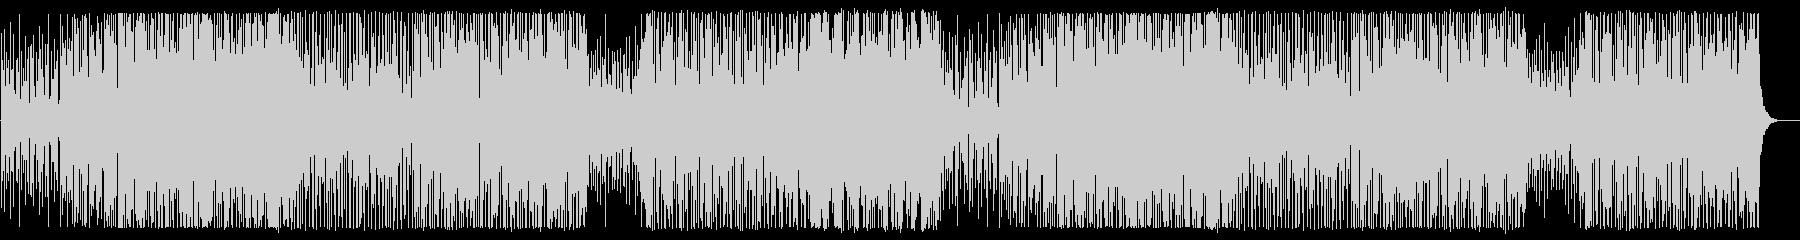 ベース音の効いた変則的ファンクの曲の未再生の波形